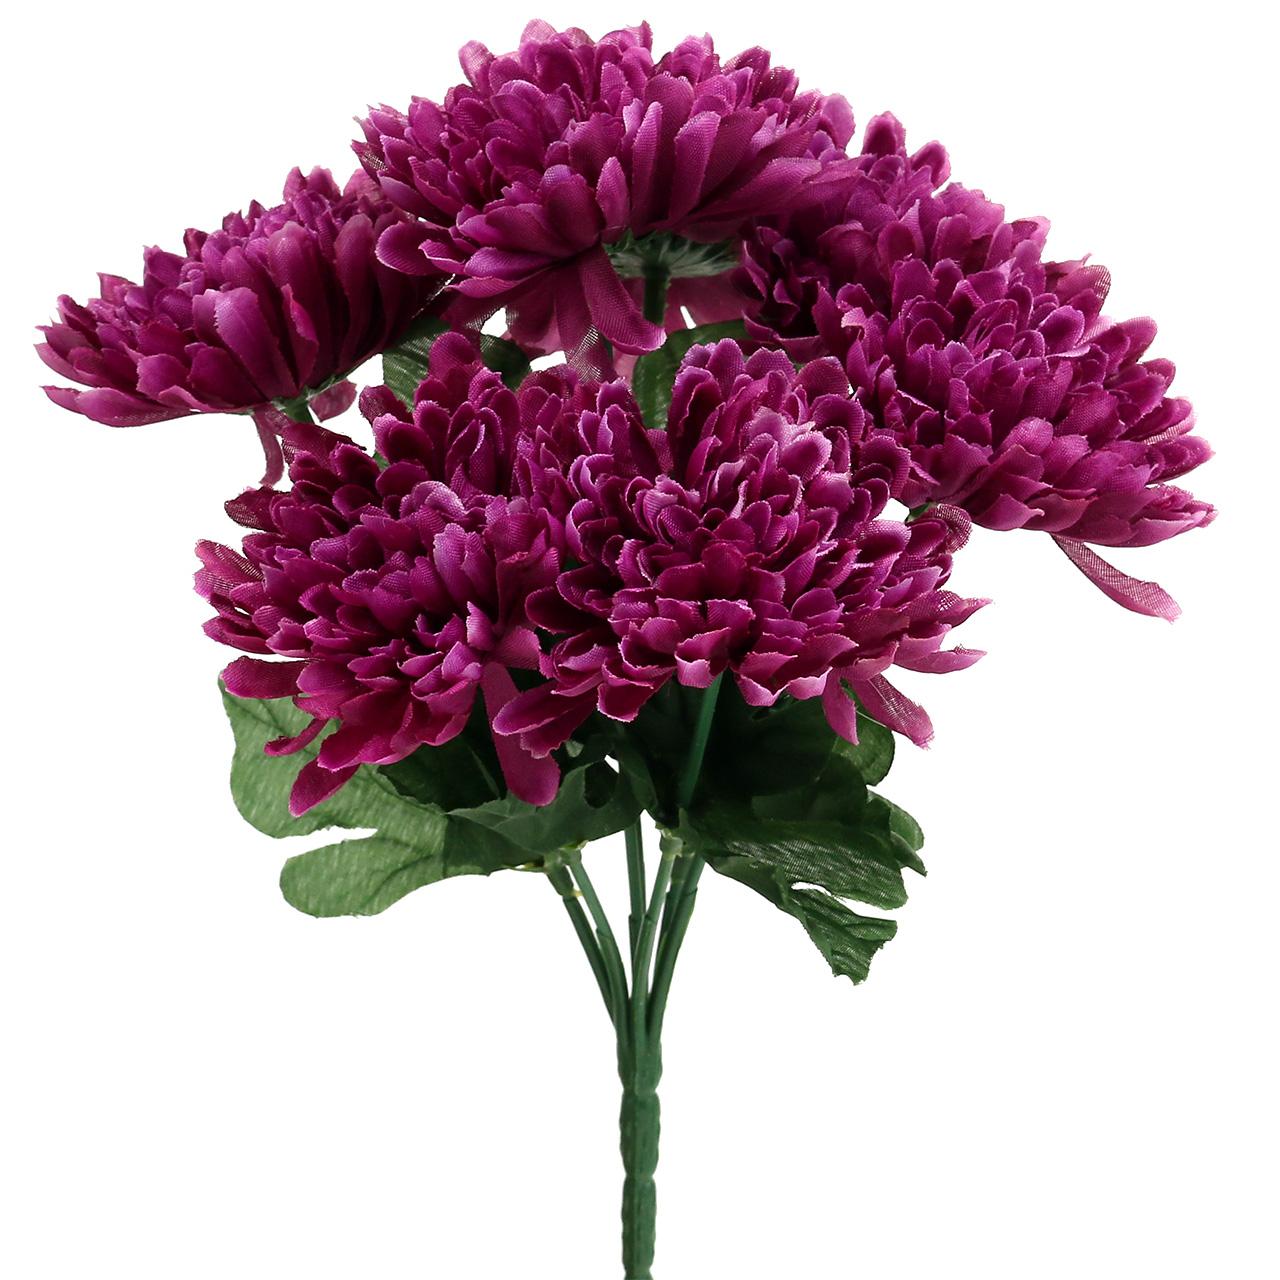 chrysantheme aubergine mit 7 bl ten kaufen in schweiz. Black Bedroom Furniture Sets. Home Design Ideas